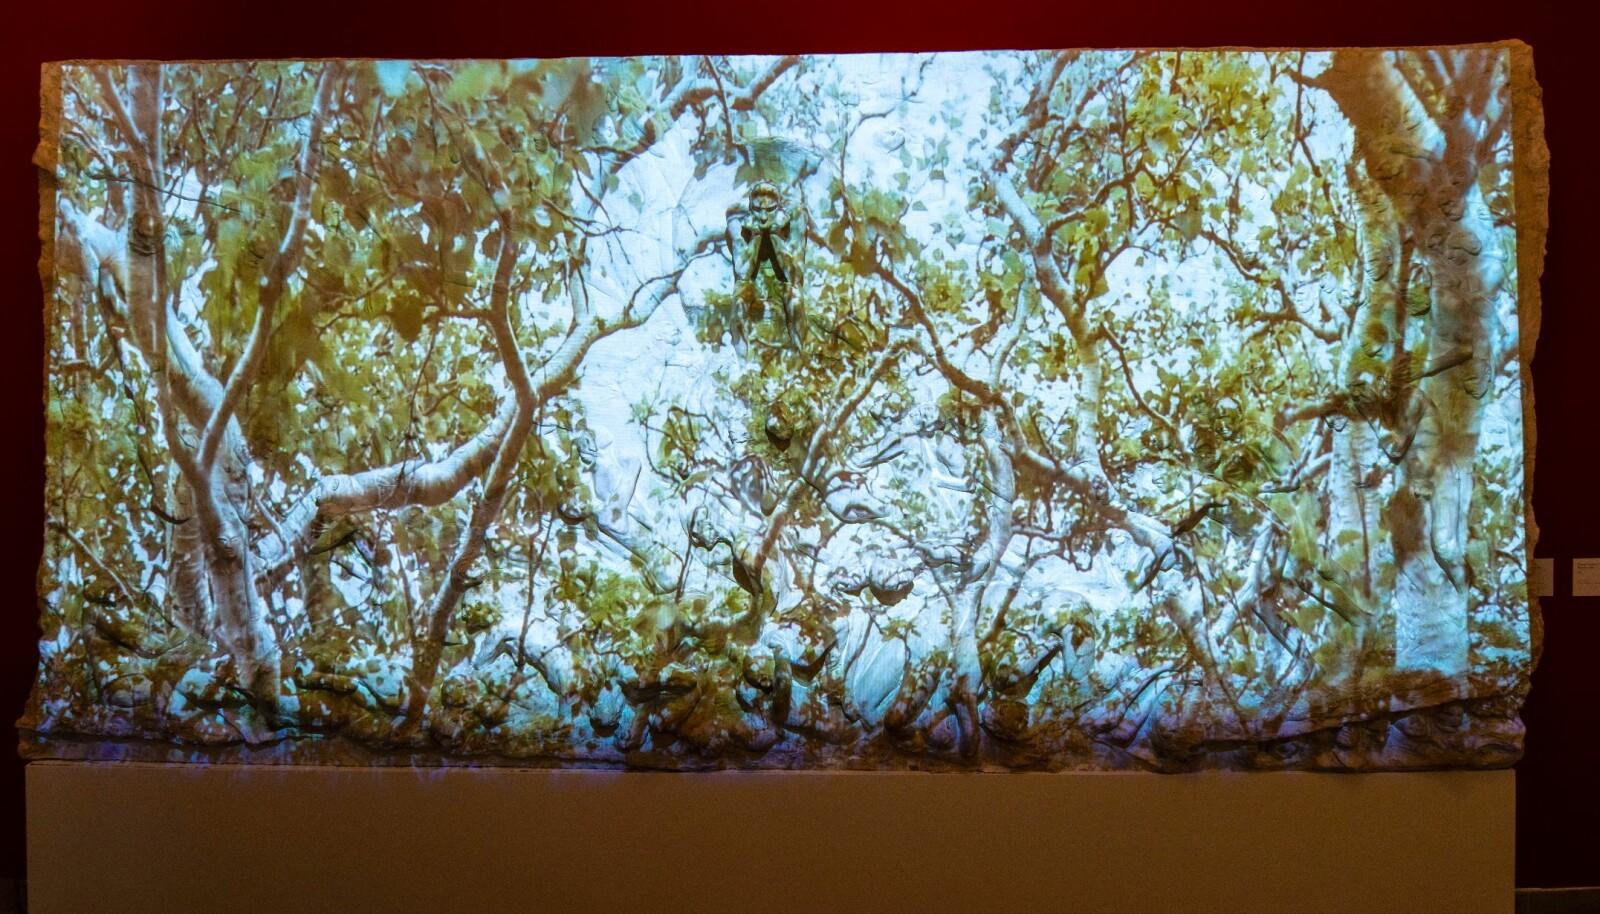 I «Fluktrute med bjørketrær #4» ser du bjørketrær vaie i vinden over Gustav Vigelands «Helvete» fra 1897